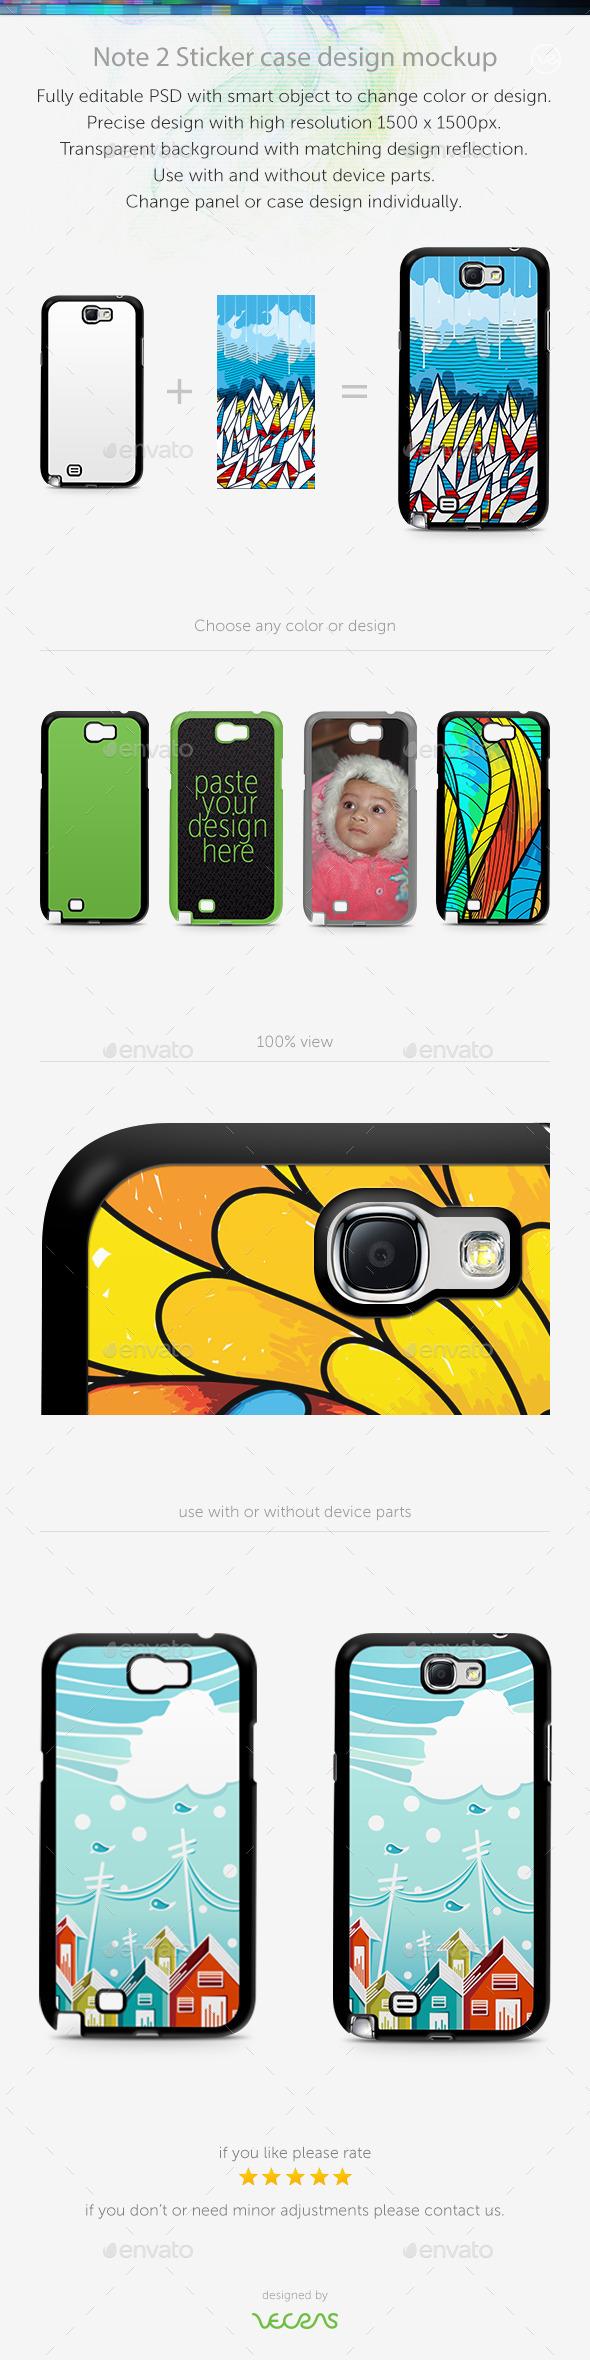 Note 2 Sticker Case Design Mockup - Mobile Displays